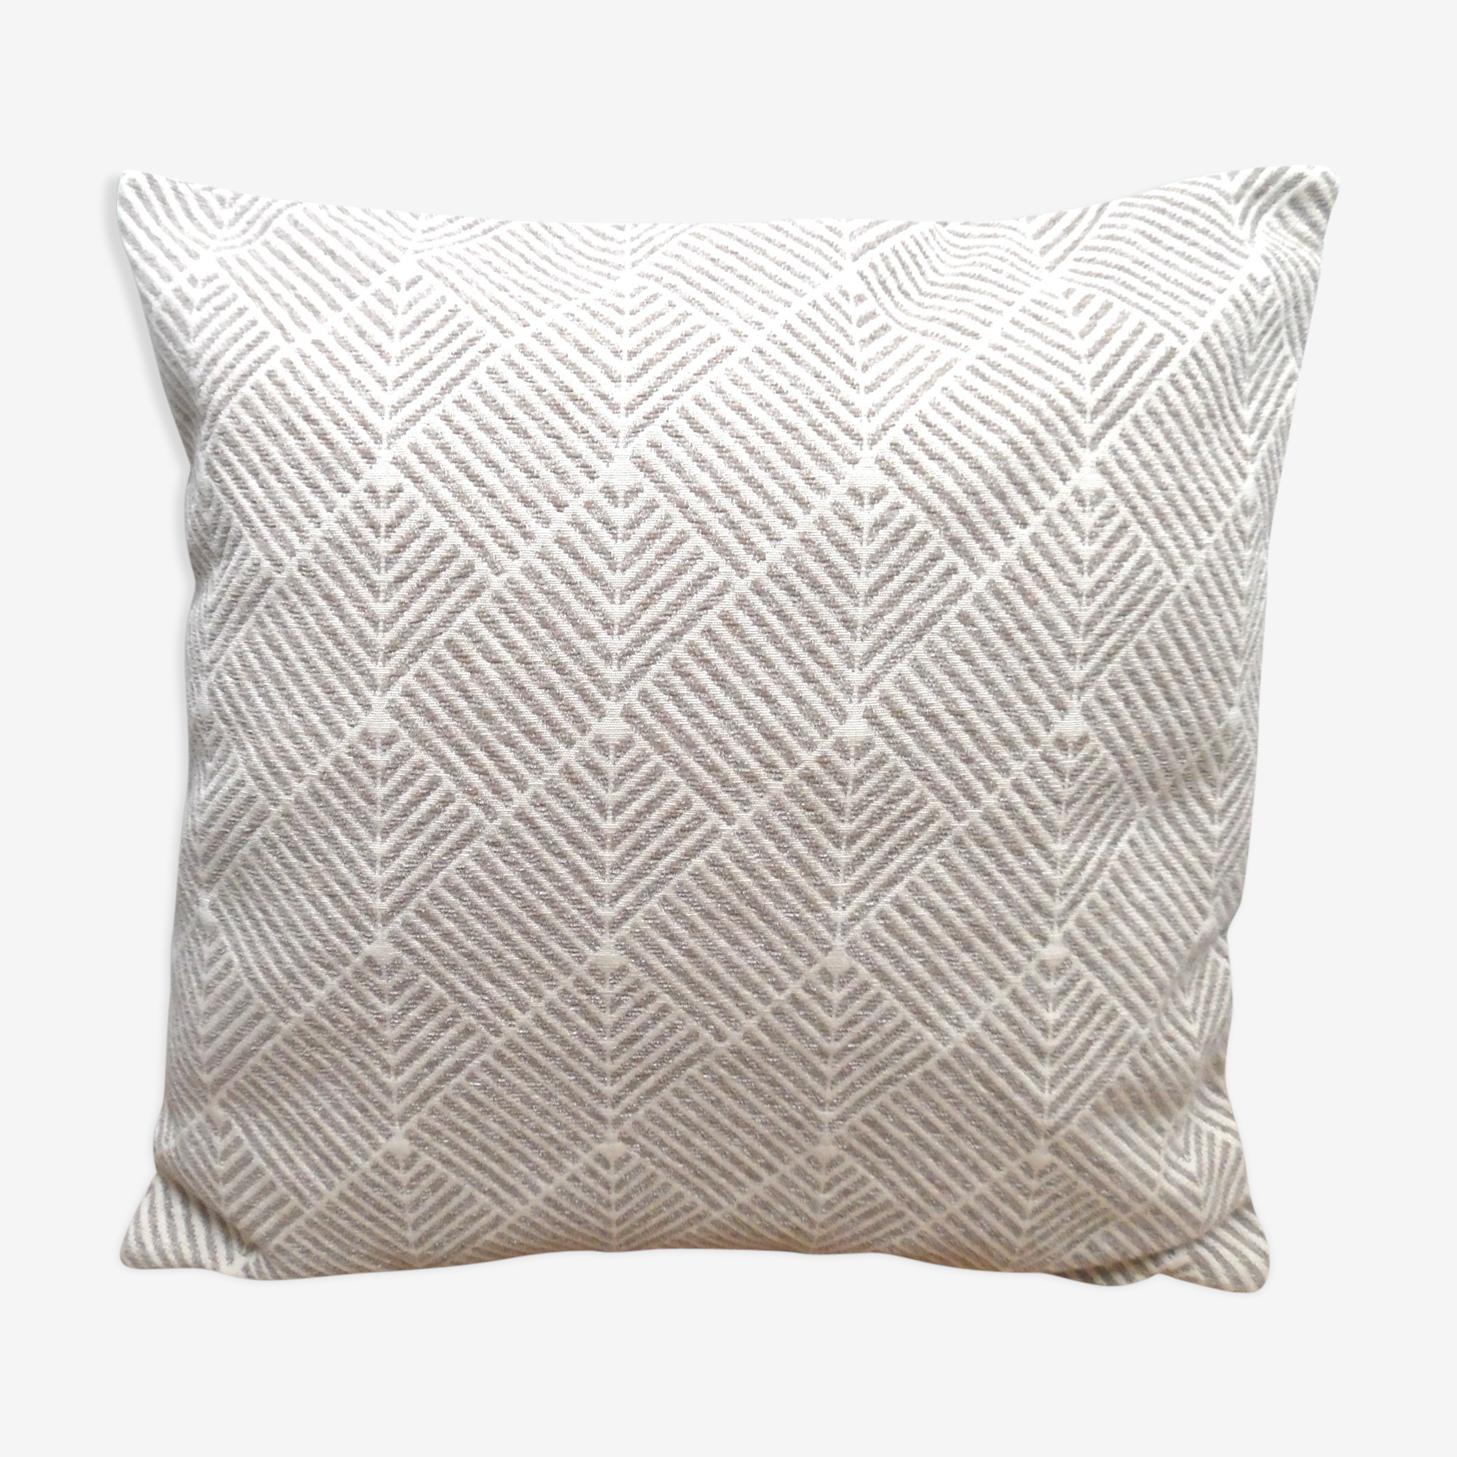 Coussin en coton dessin géométrique